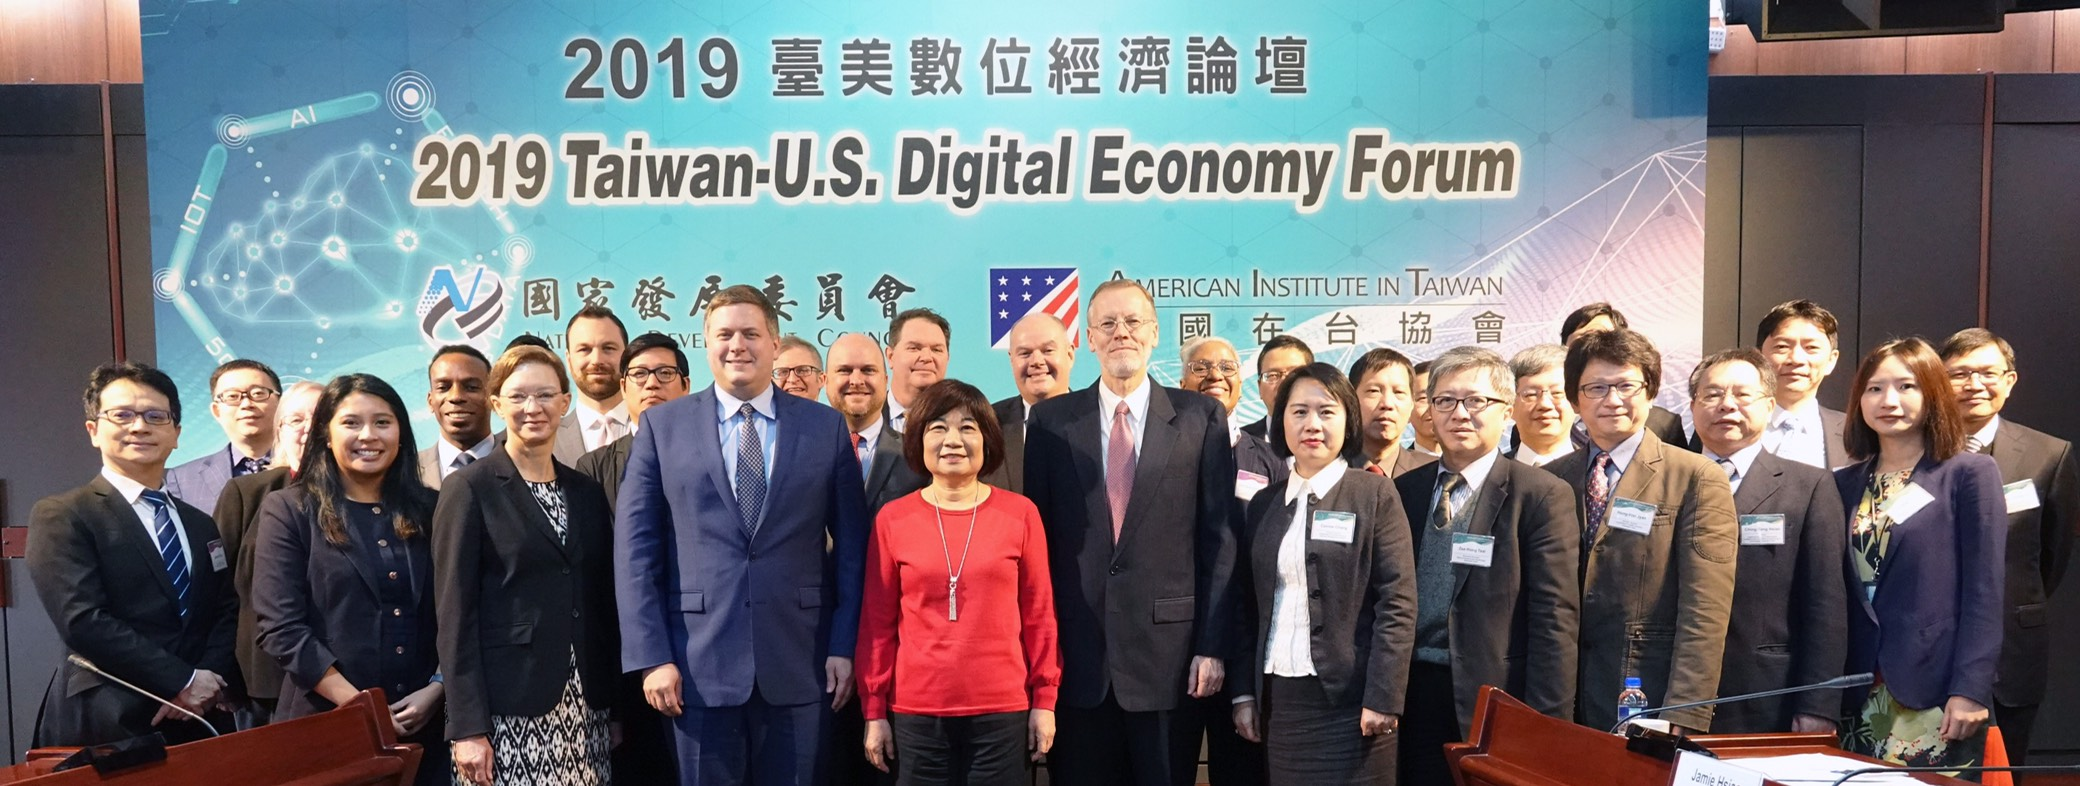 第3屆「臺美數位經濟論壇」合照